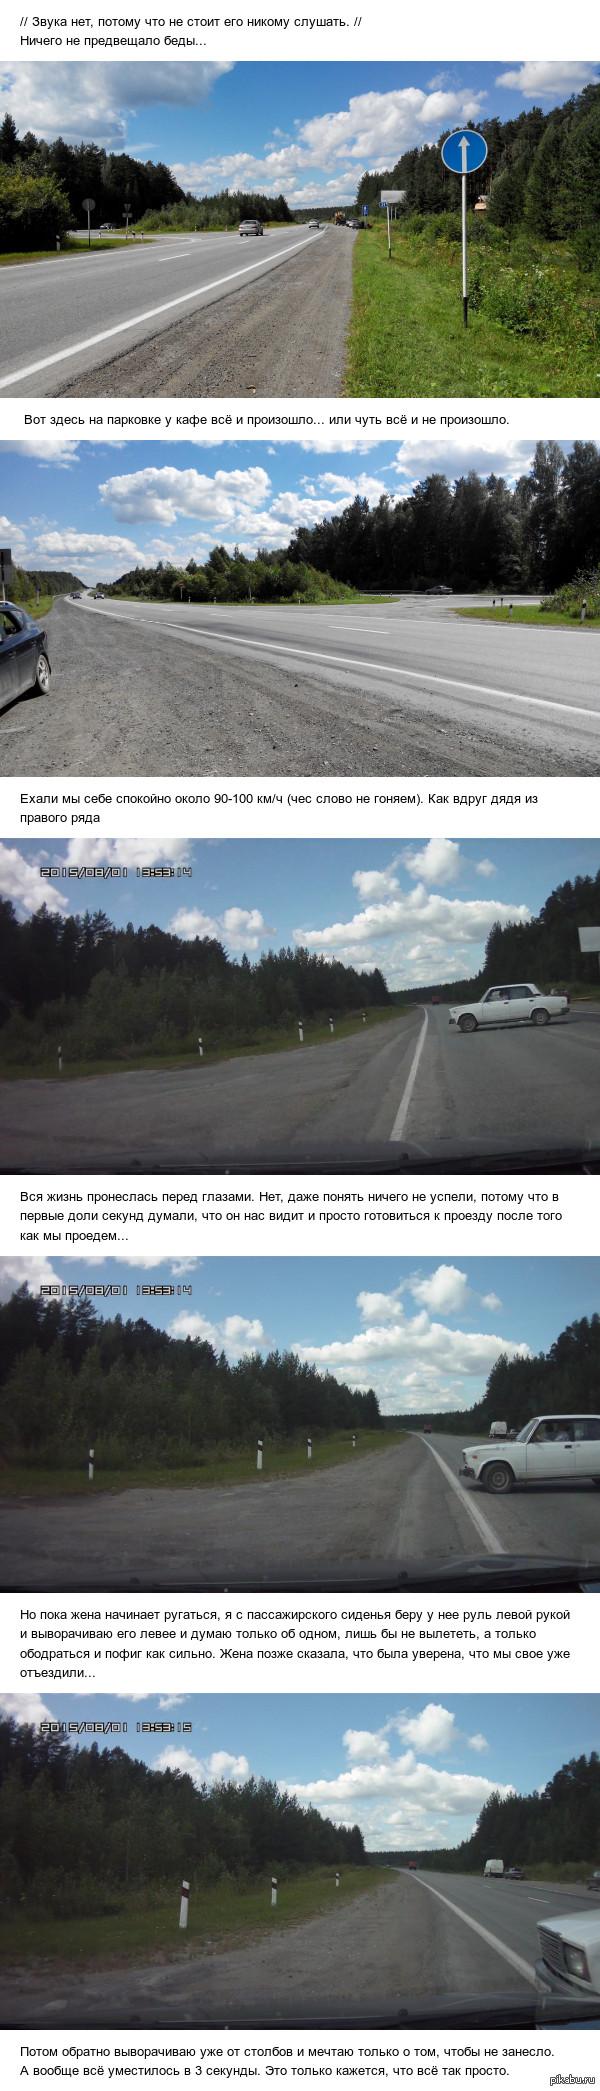 Немного о смысле жизни... 1 августа на 31 км Серовской трассы (Екатеринбург -> Нижний Тагил) чуть не произошло ДТП